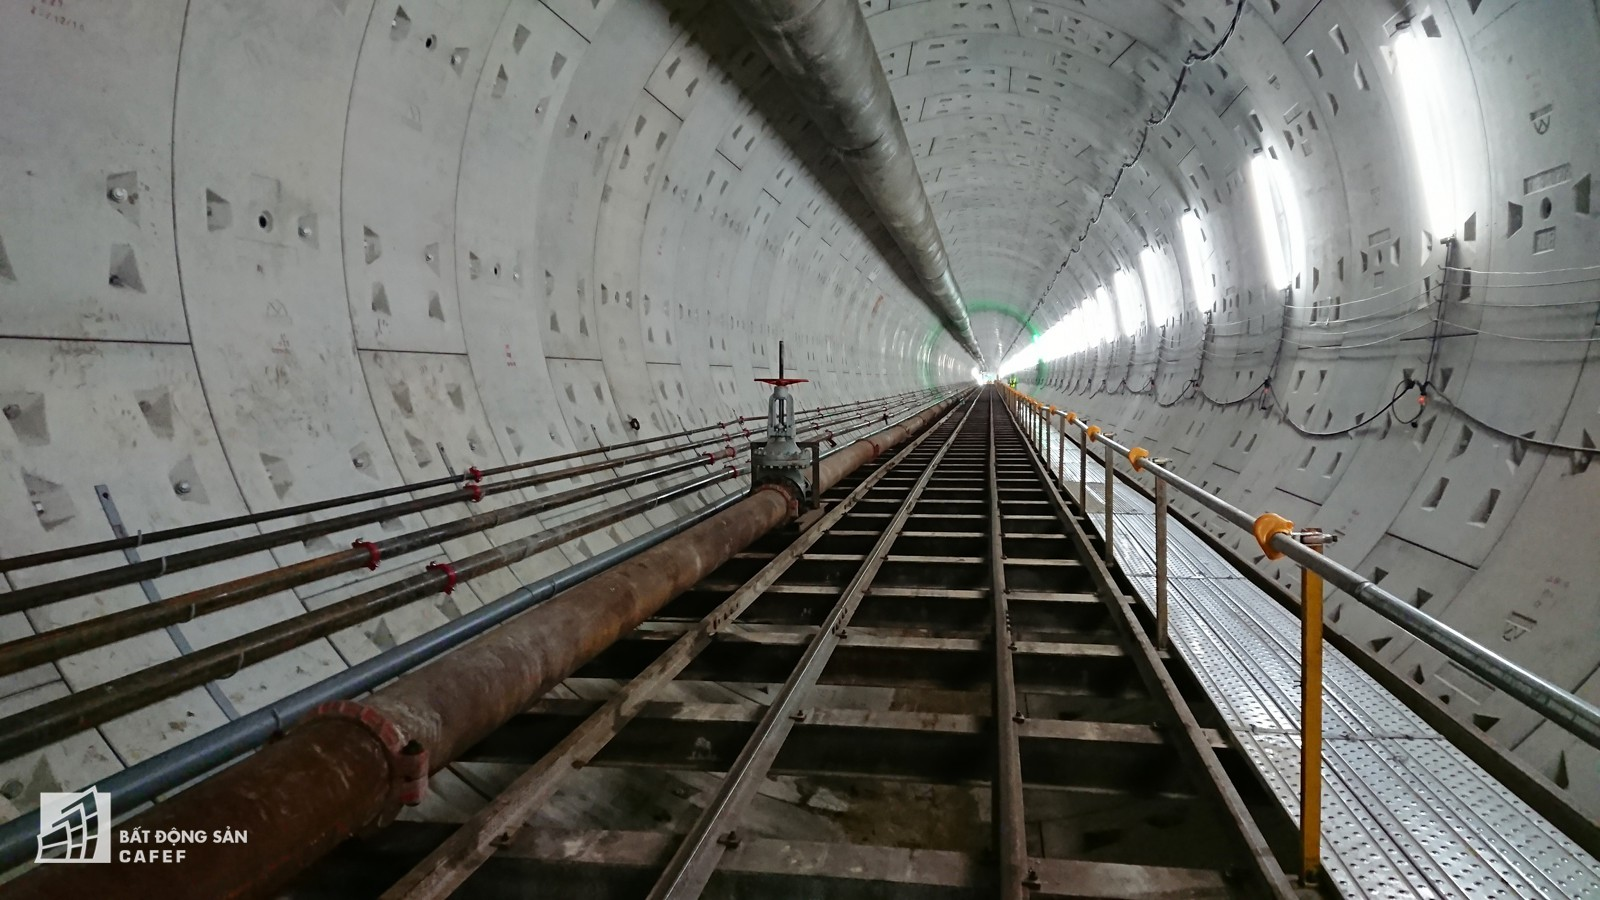 Ngắm đường hầm tàu điện đầu tiên tại Việt Nam sâu 17m dưới lòng đất Sài Gòn - Ảnh 4.